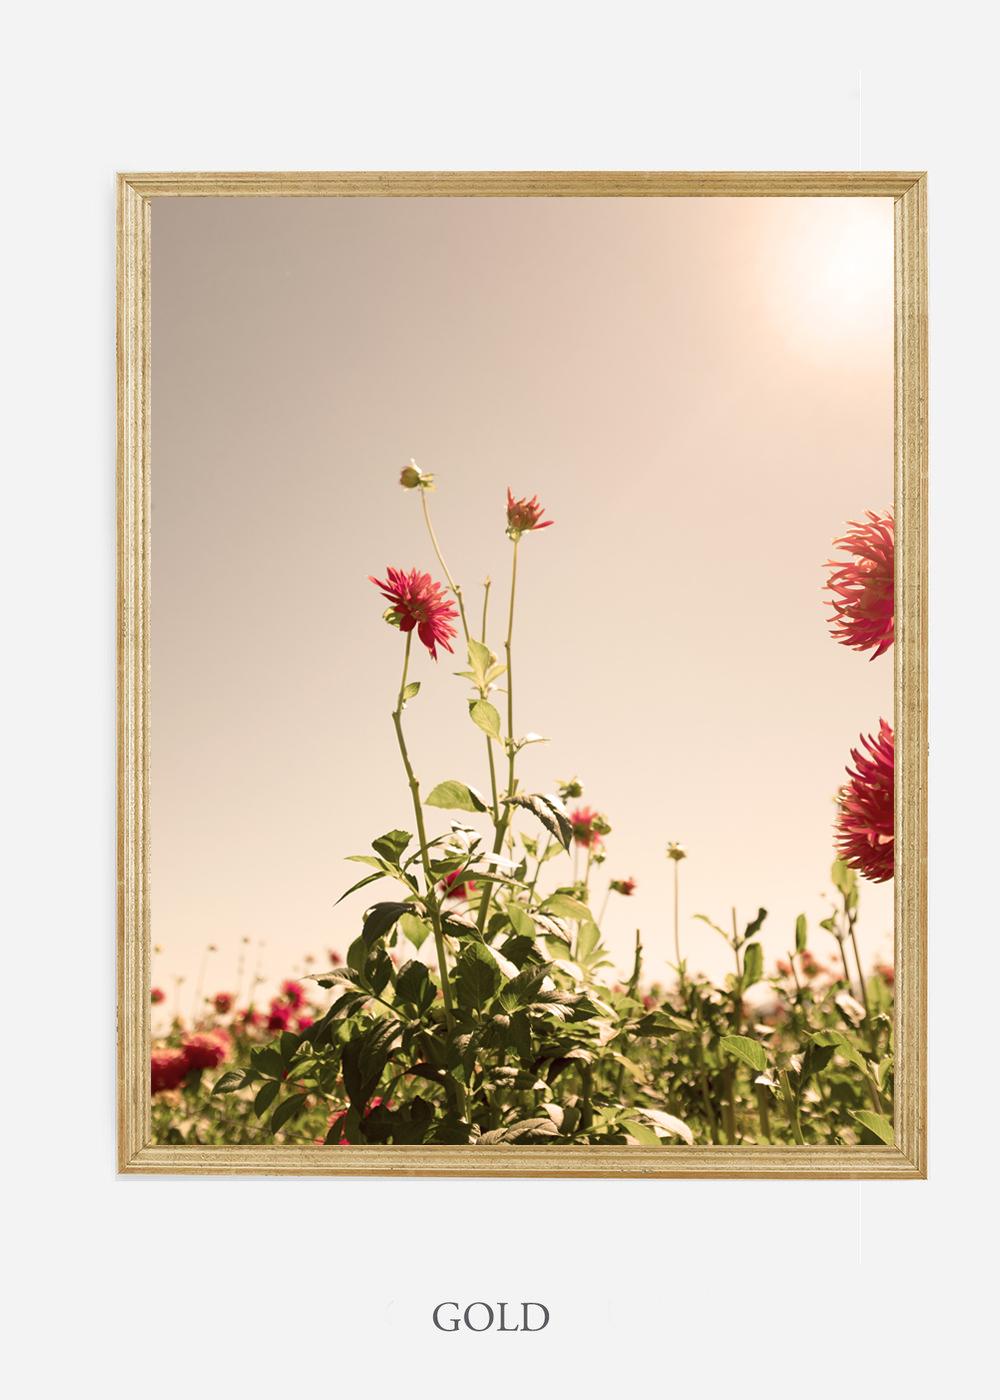 NoMat-Gold-Frame-DahliaNo.2-Wilder-California-Art-Floral-Home-decor-Prints-Dahlia-Botanical-Artwork-Interior-design.jpg